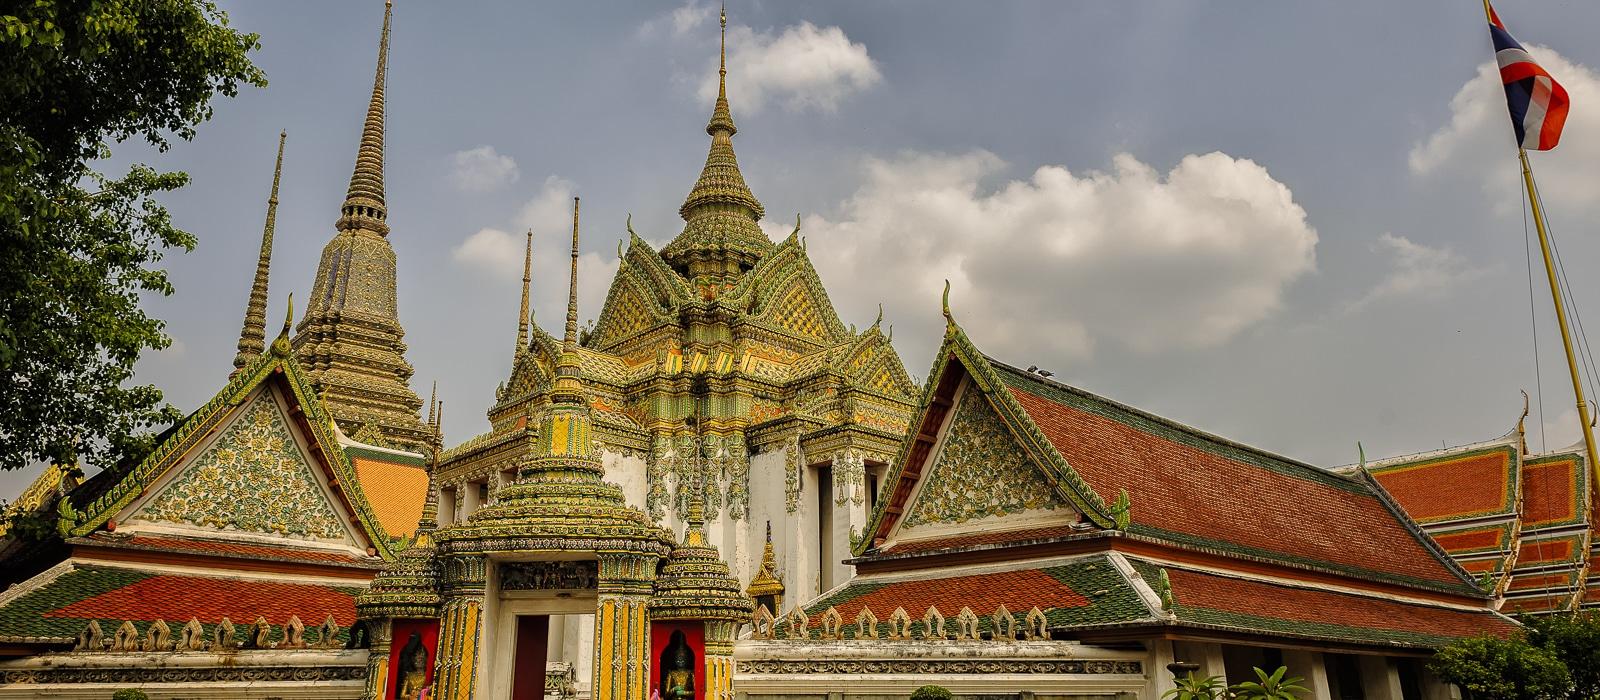 img-diapo-entete - thailande-1600x700-13.jpg